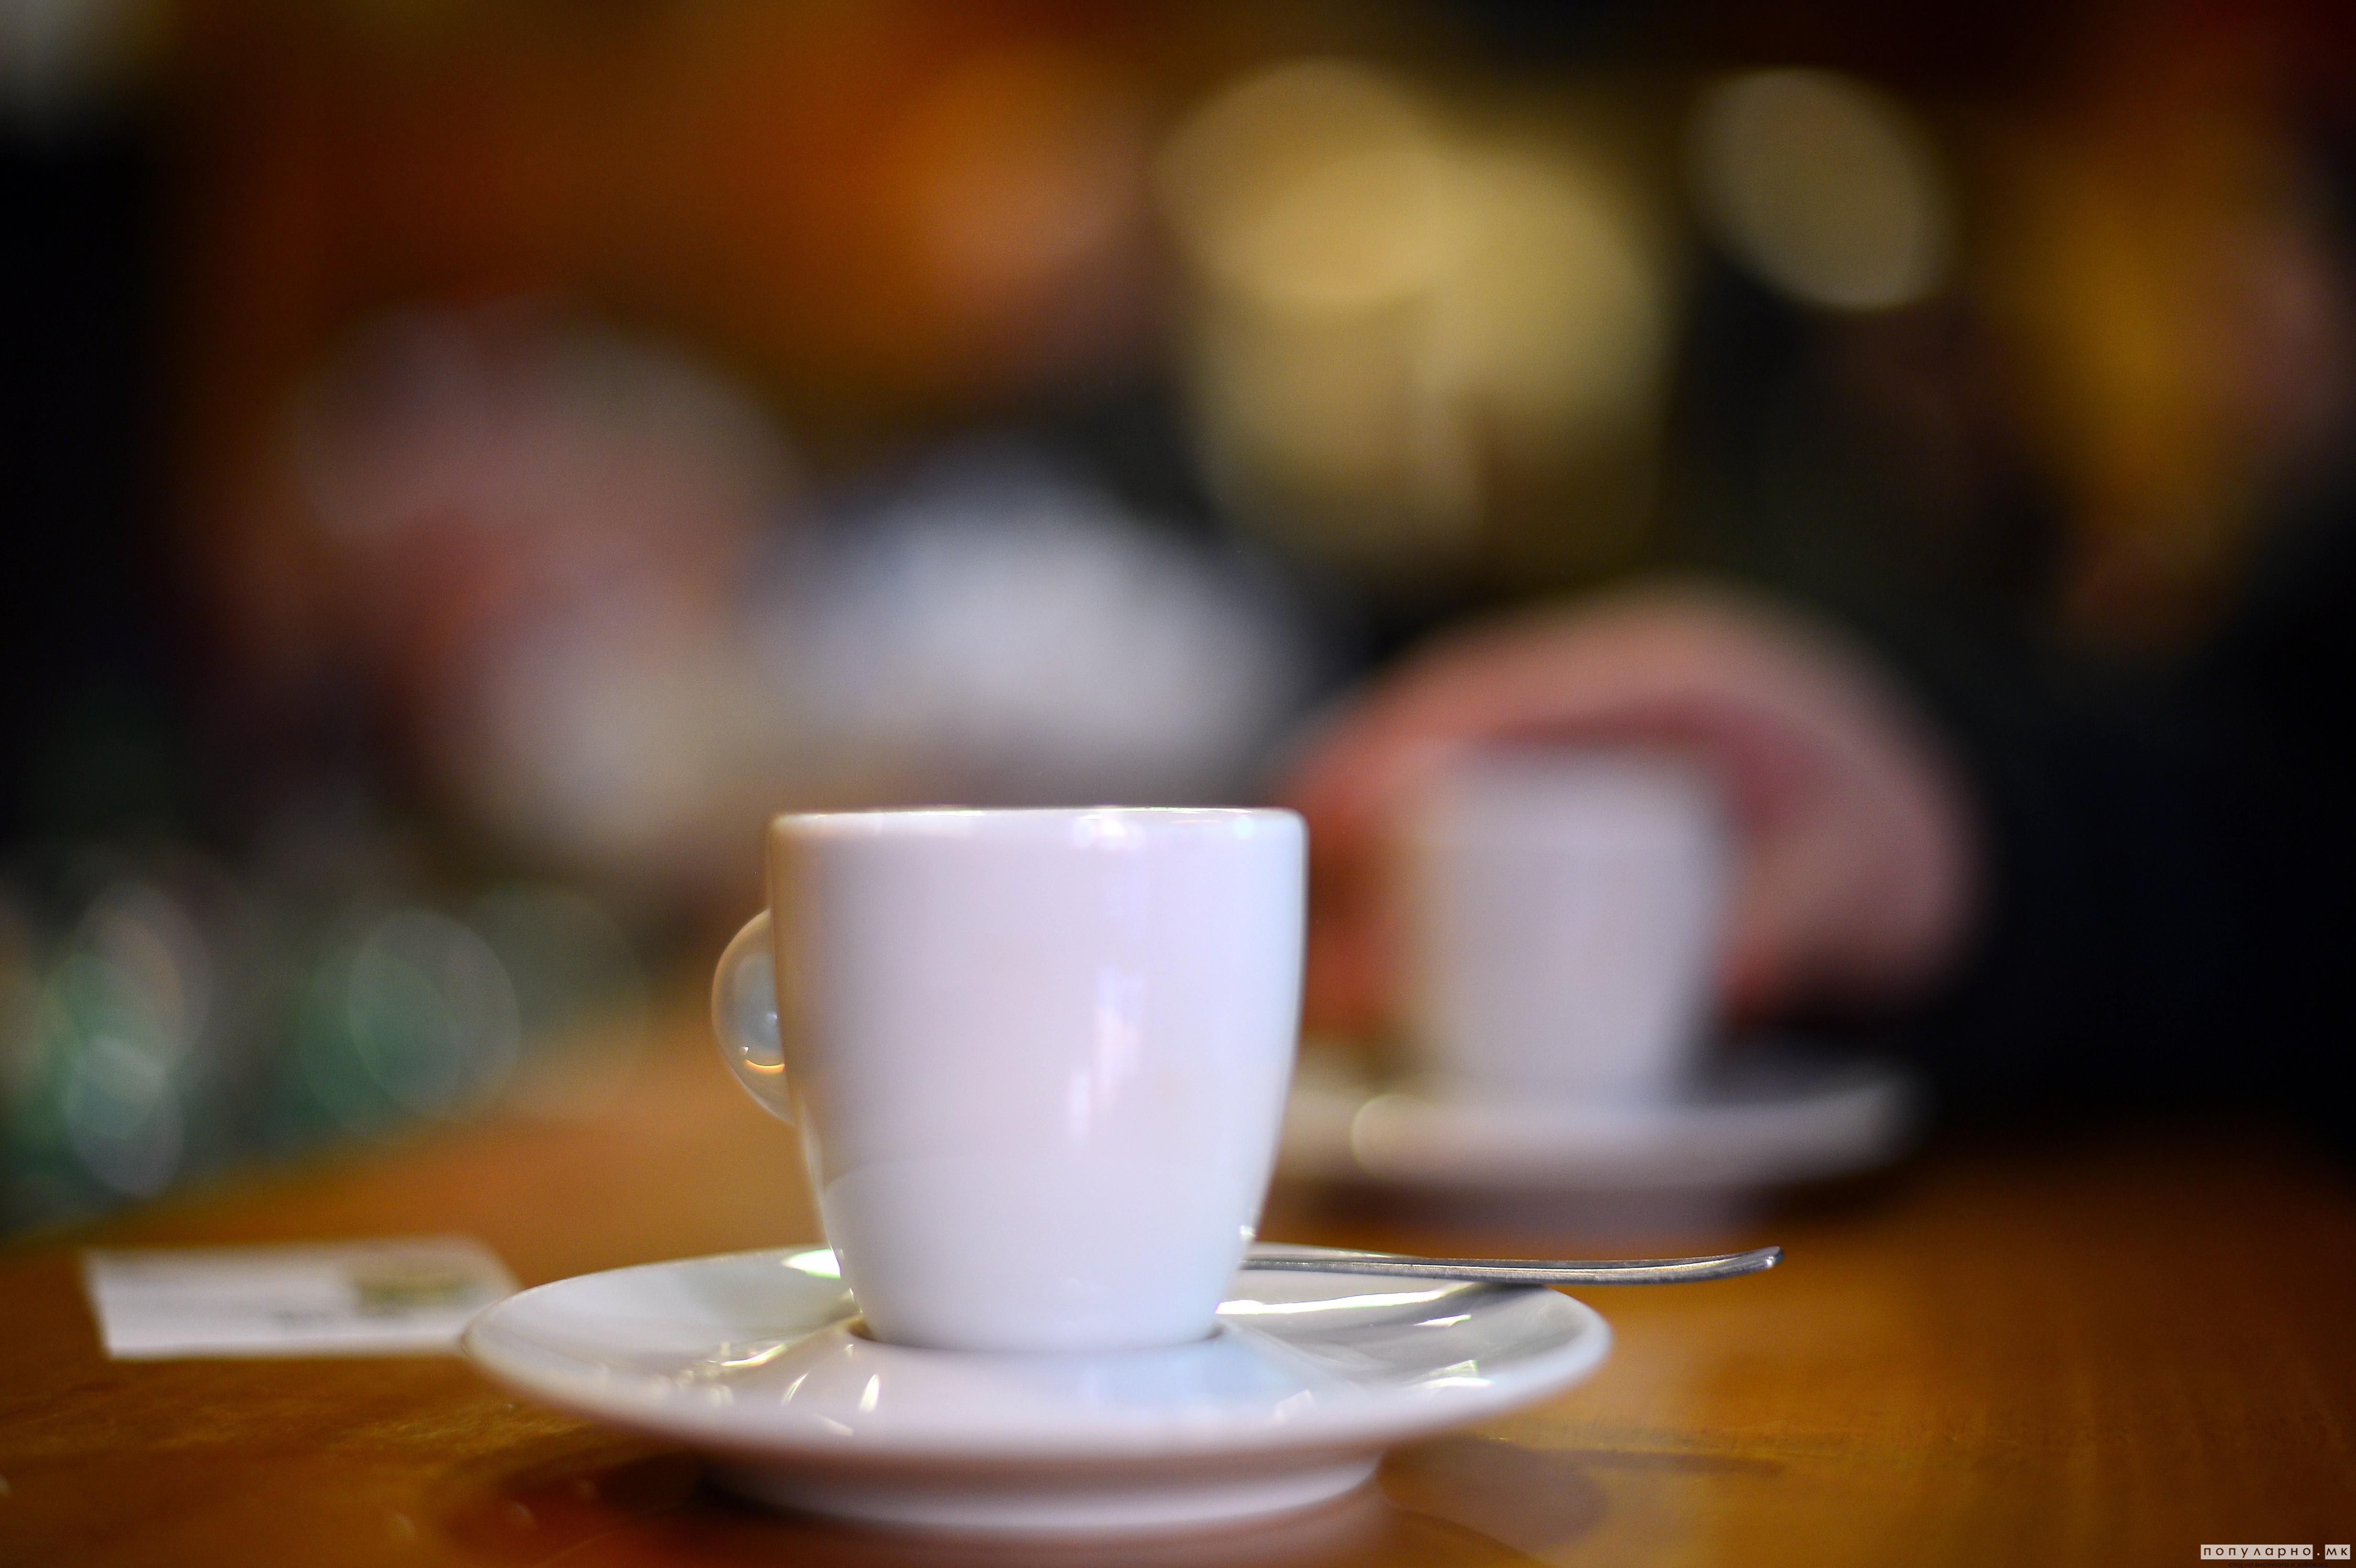 Платете го кафето со поезија: Уникатна можност за 21 март - Денот на поезијата